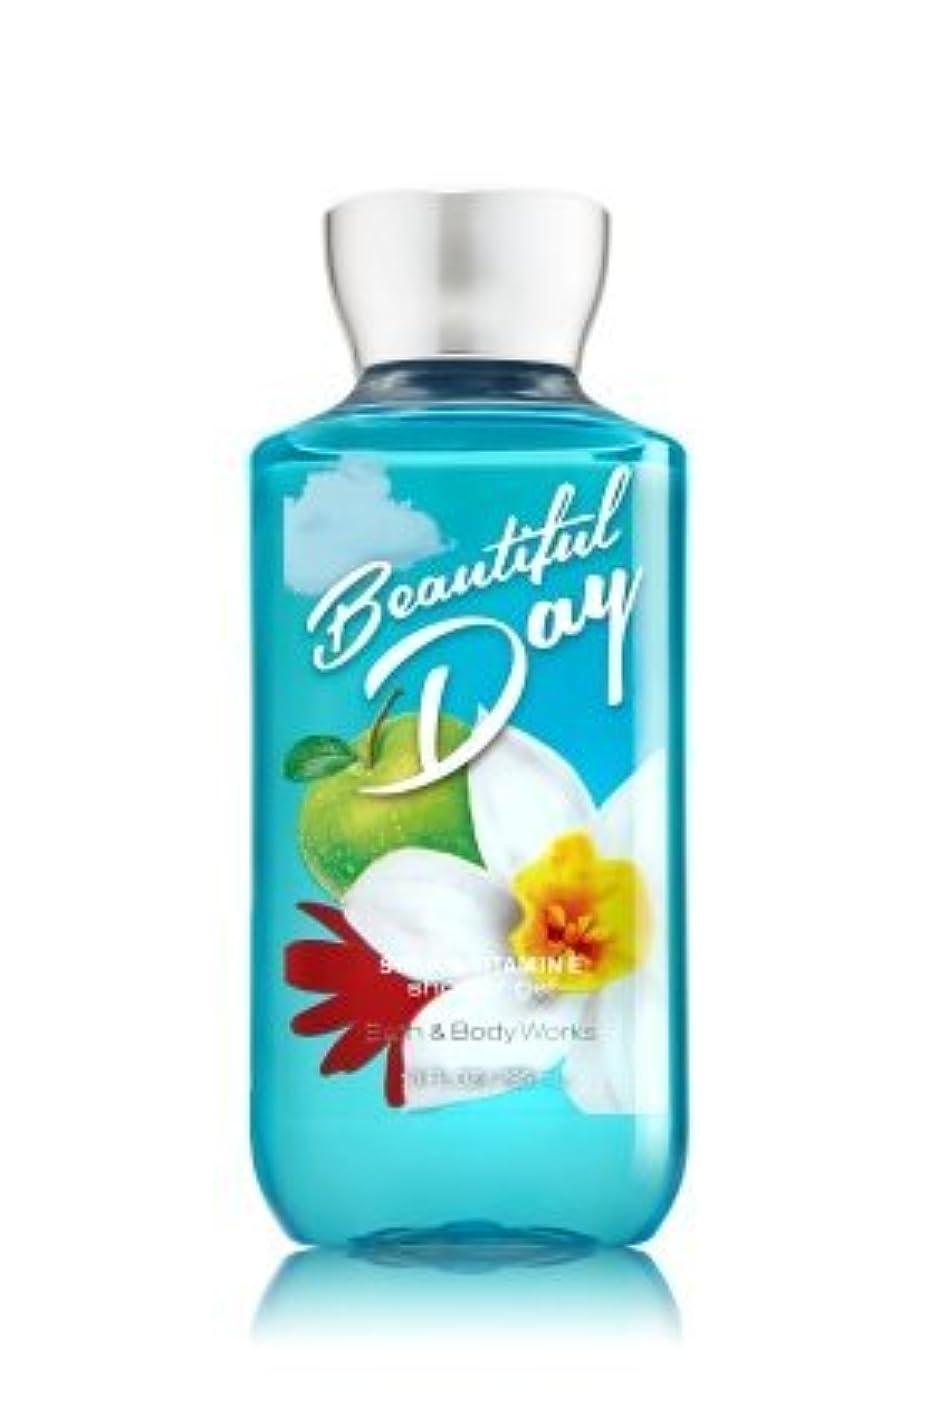 砲撃来て自信がある【Bath&Body Works/バス&ボディワークス】 シャワージェル ビューティフルデイ Shower Gel Beautiful Day 10 fl oz / 295 mL [並行輸入品]